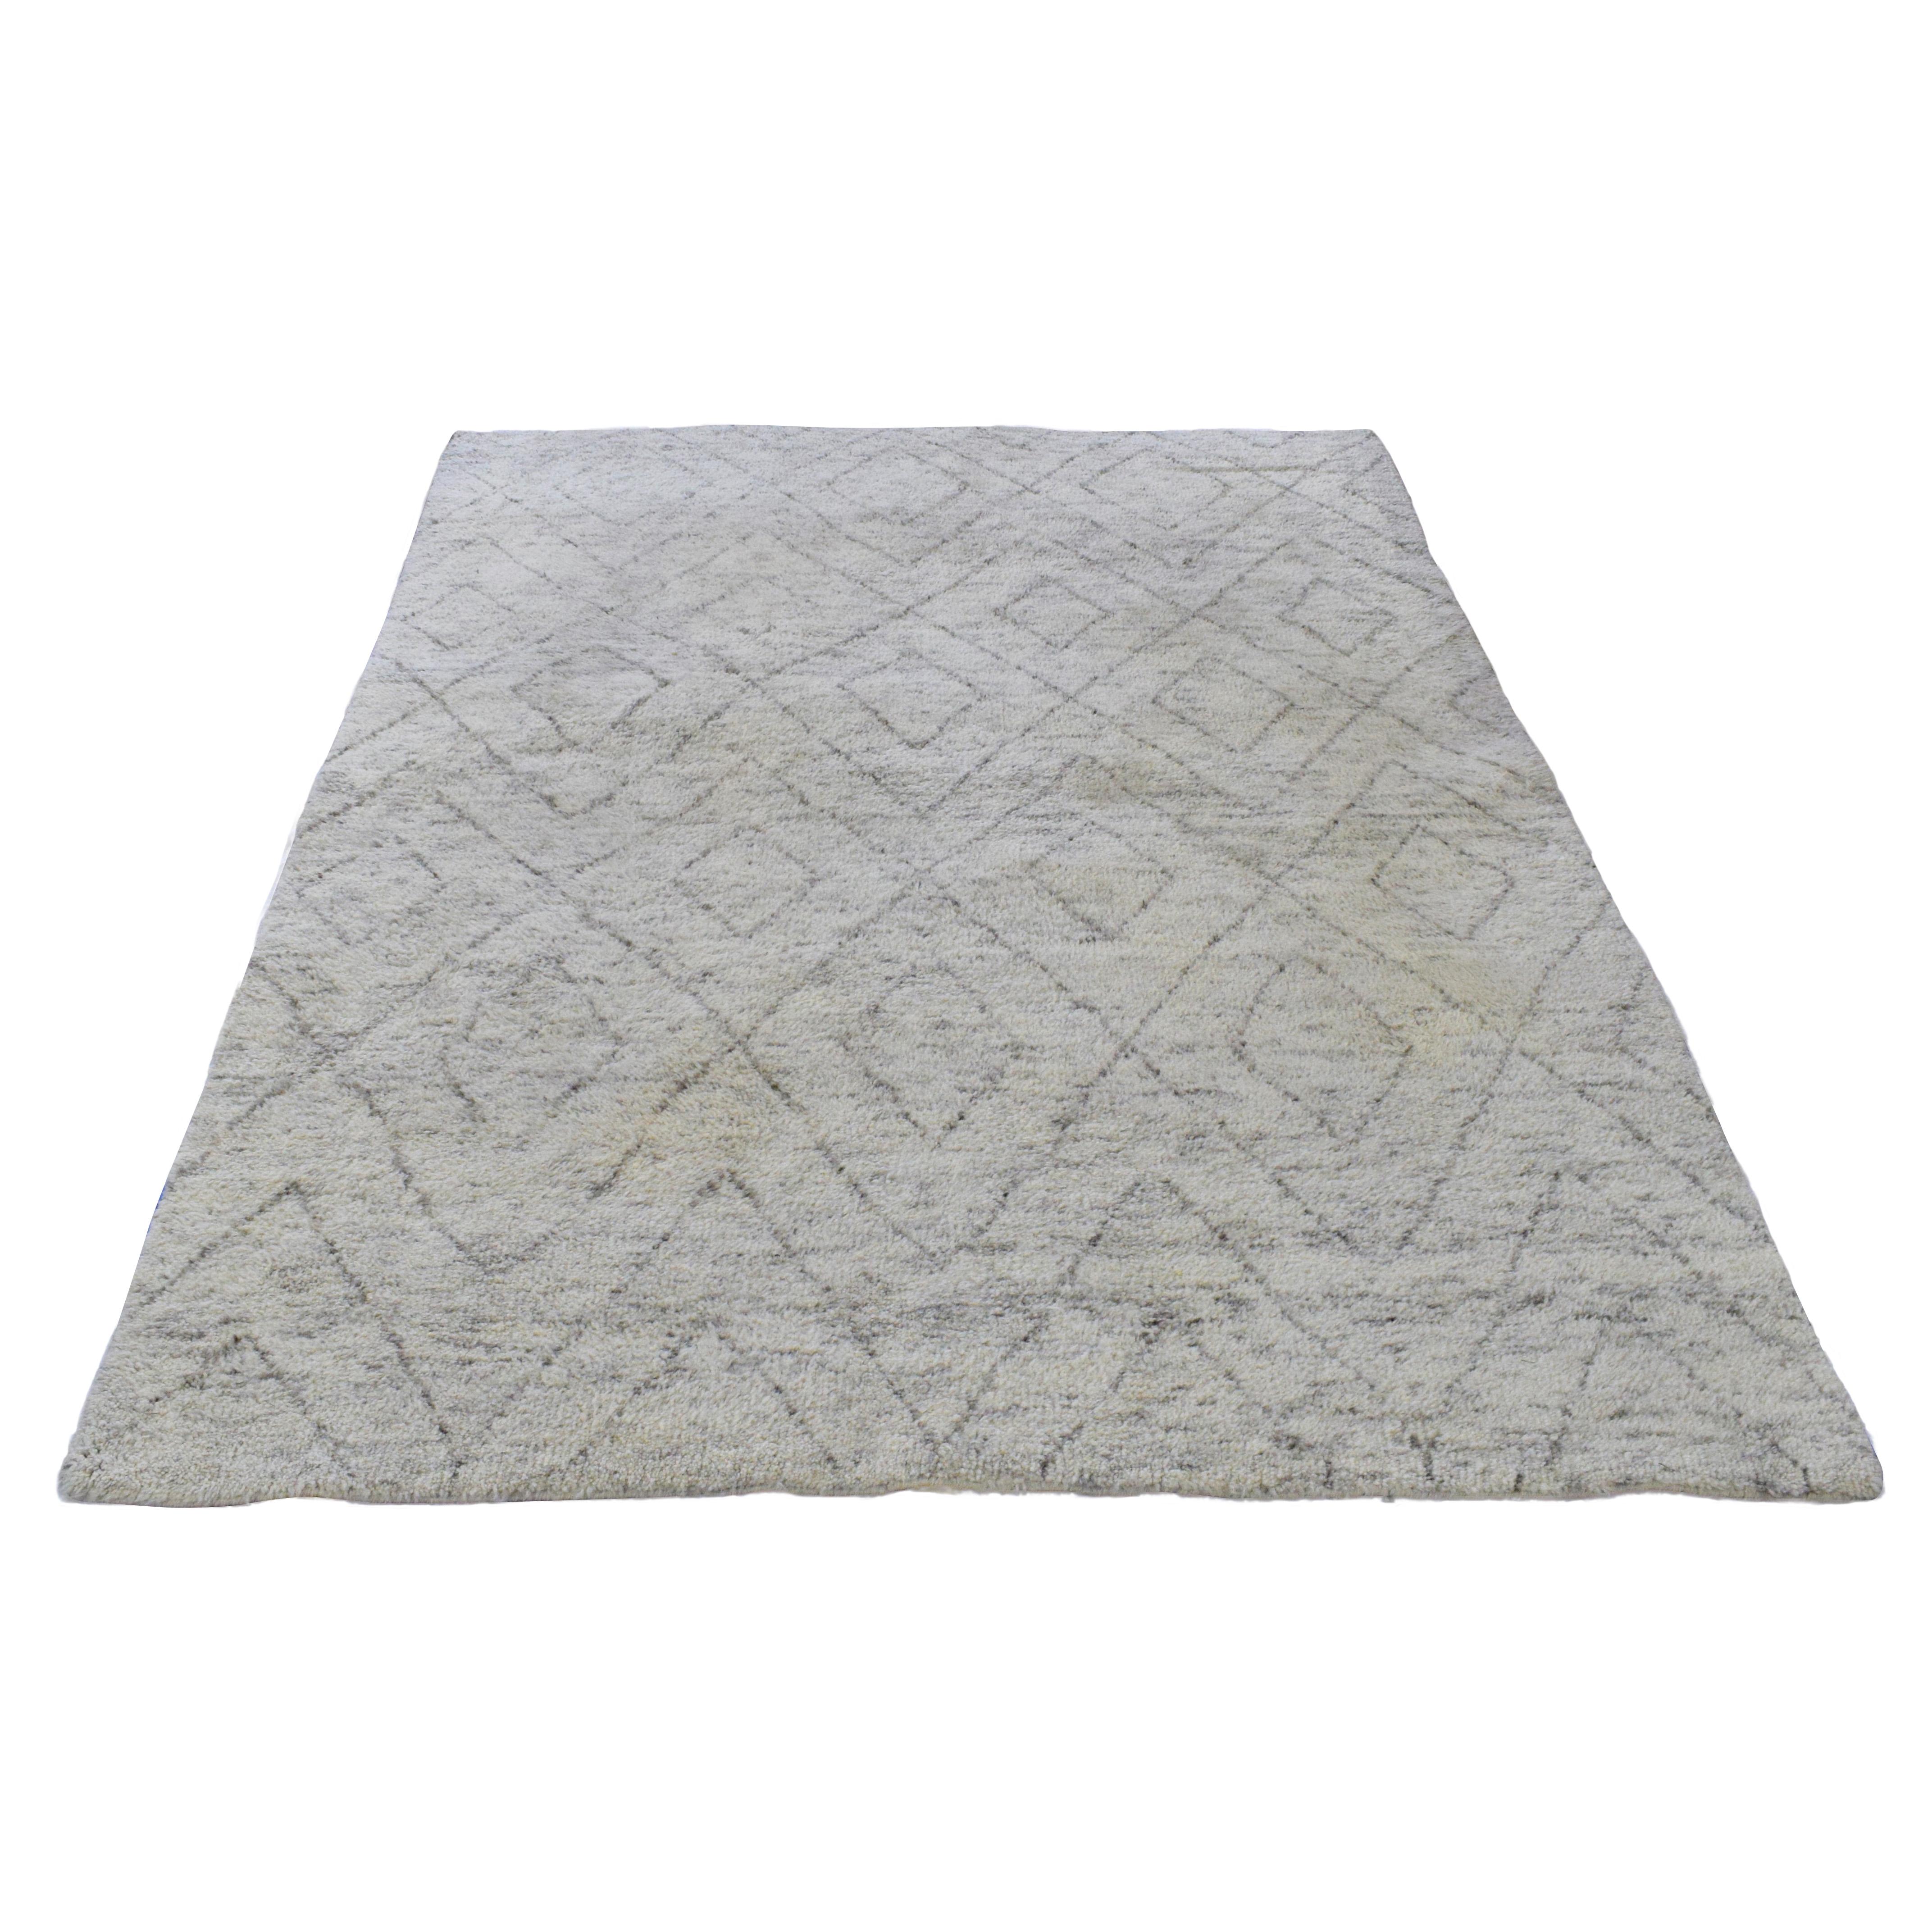 Restoration Hardware Restoration Hardware Ben Soleimani Double Diamond Moroccan Wool Rug nj